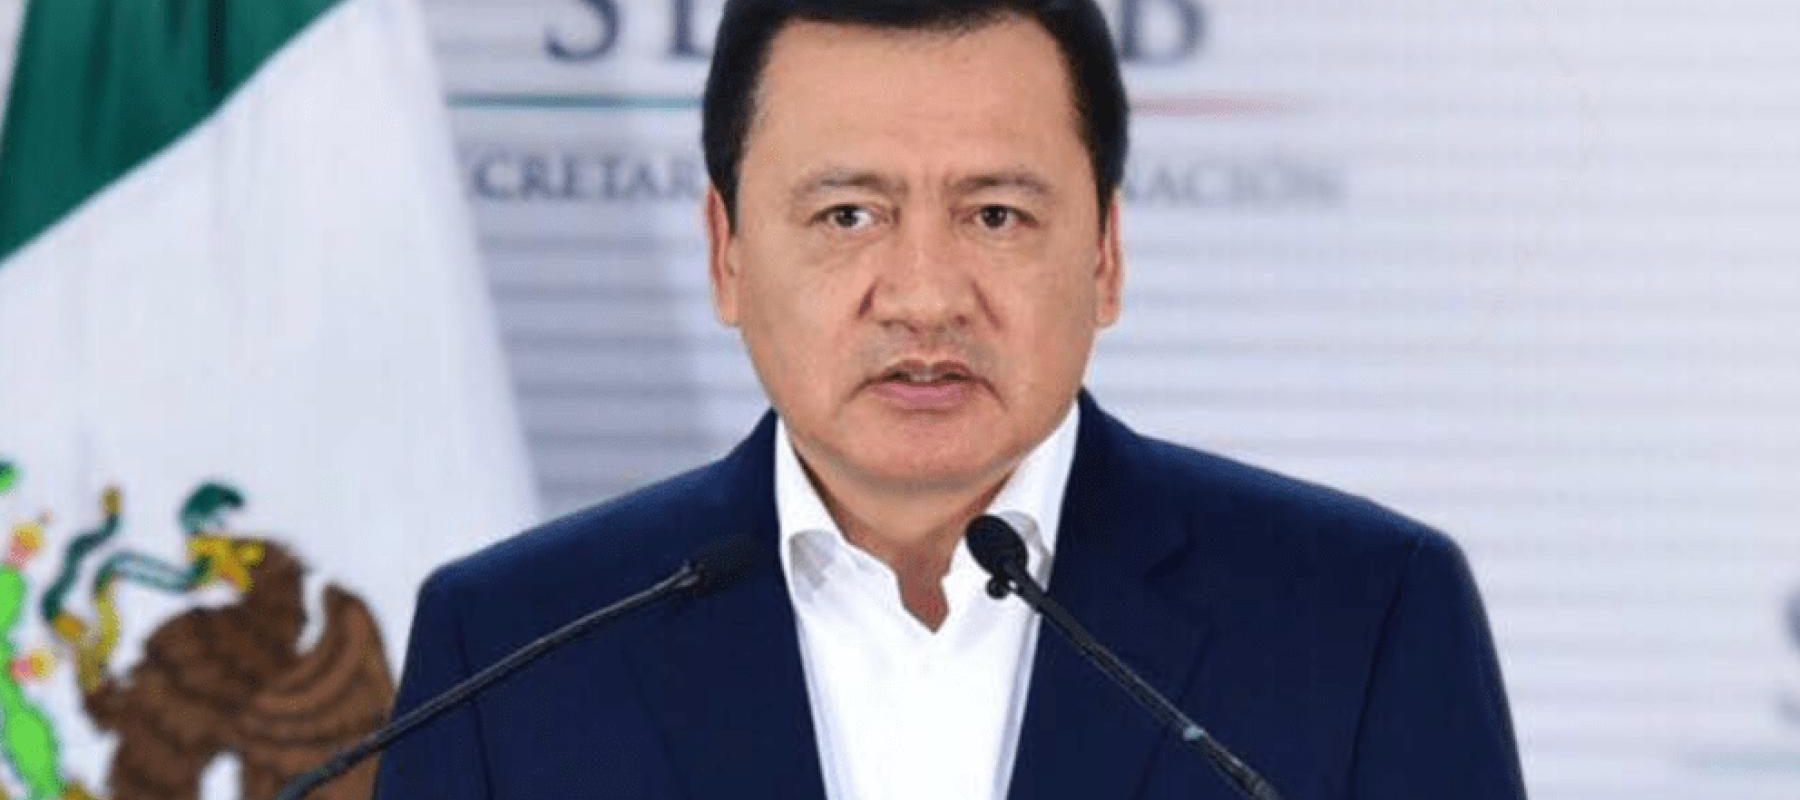 Osorio Chong se deslinda de software de espionaje Pegasus: Se trabajaba en el marco de la ley